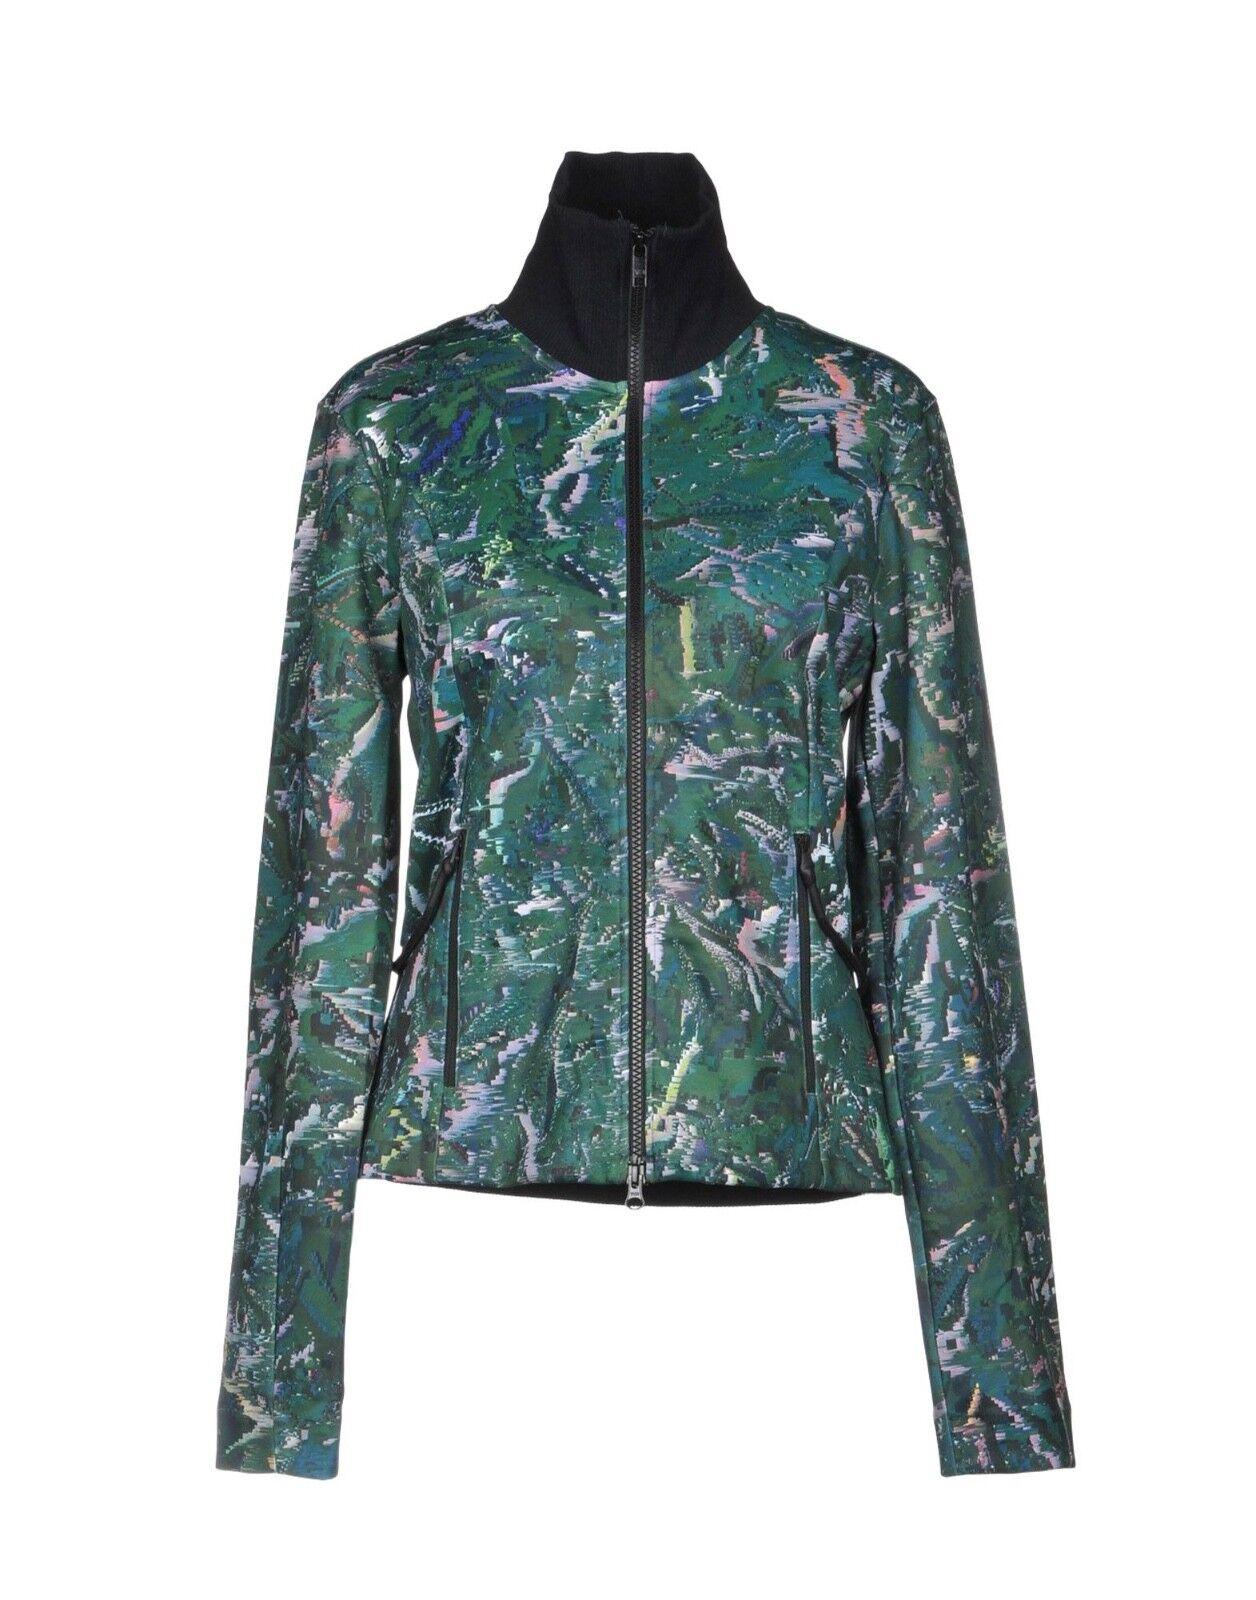 Y-3 Yohji Yamamoto Woherren Turtleneck Stretch Sweatshirt Grün Abstract Größe M